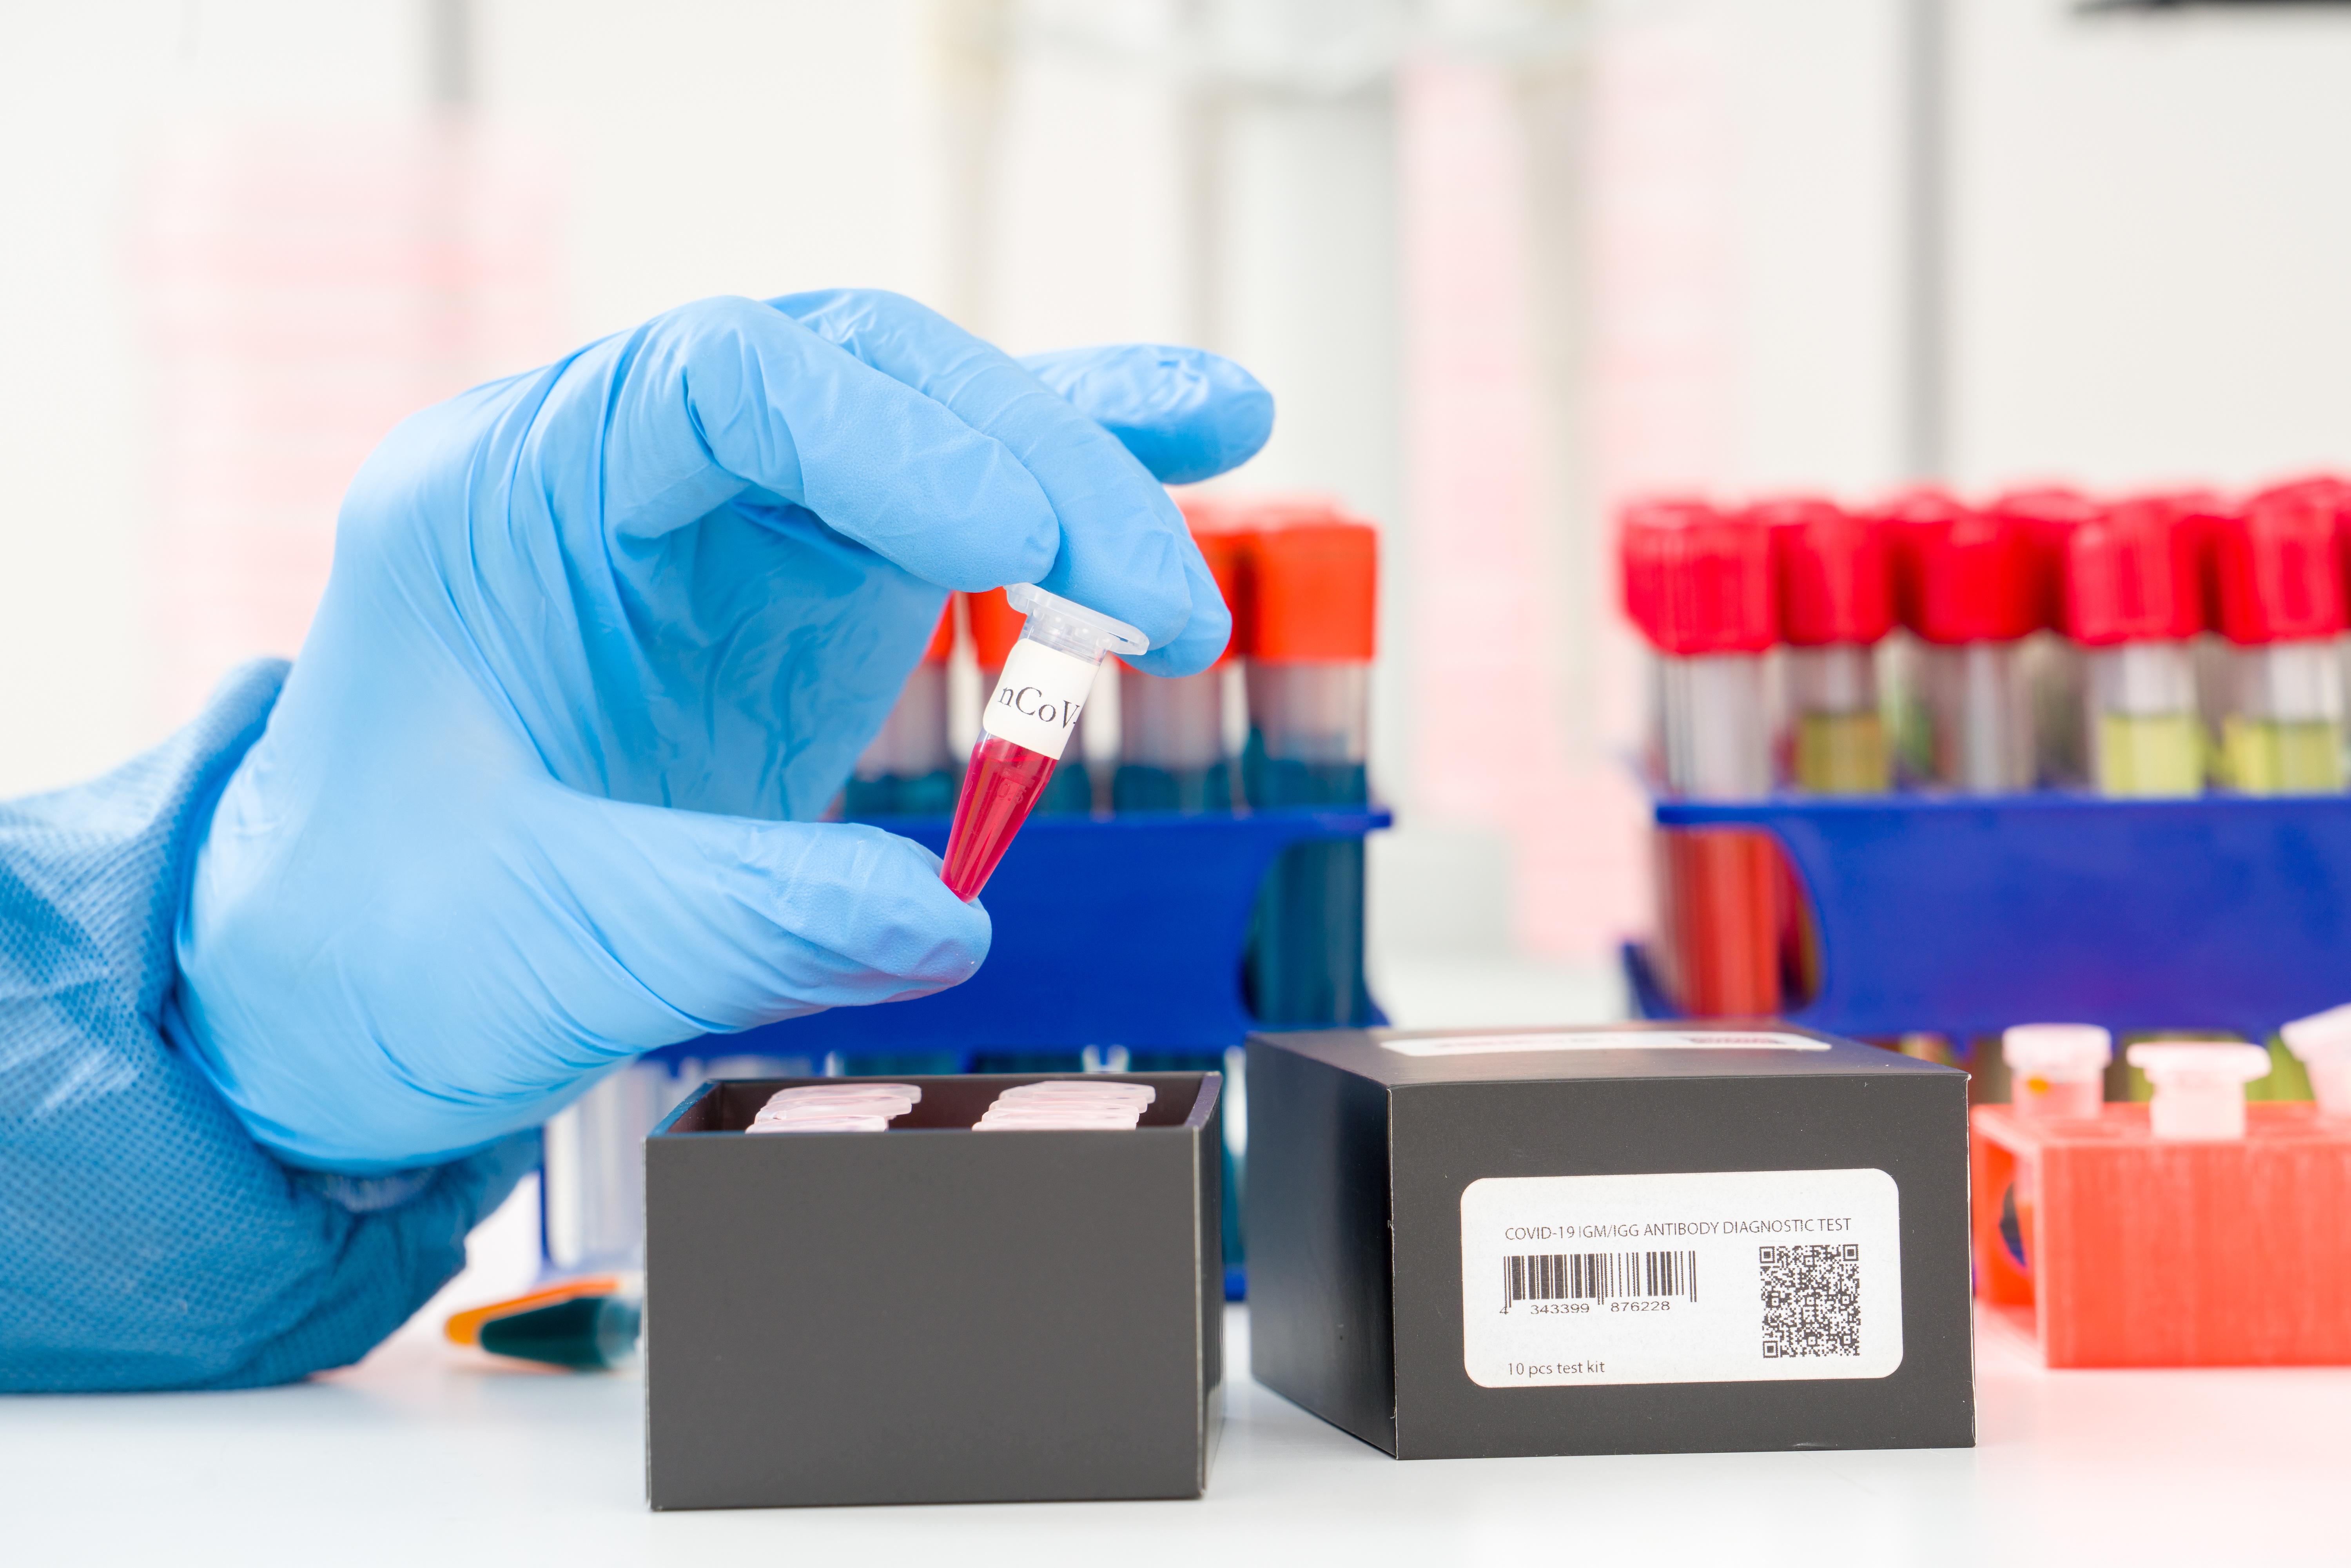 La clairance virale n'intervient que bien après la disparition des symptômes, chez un grand nombre de patients